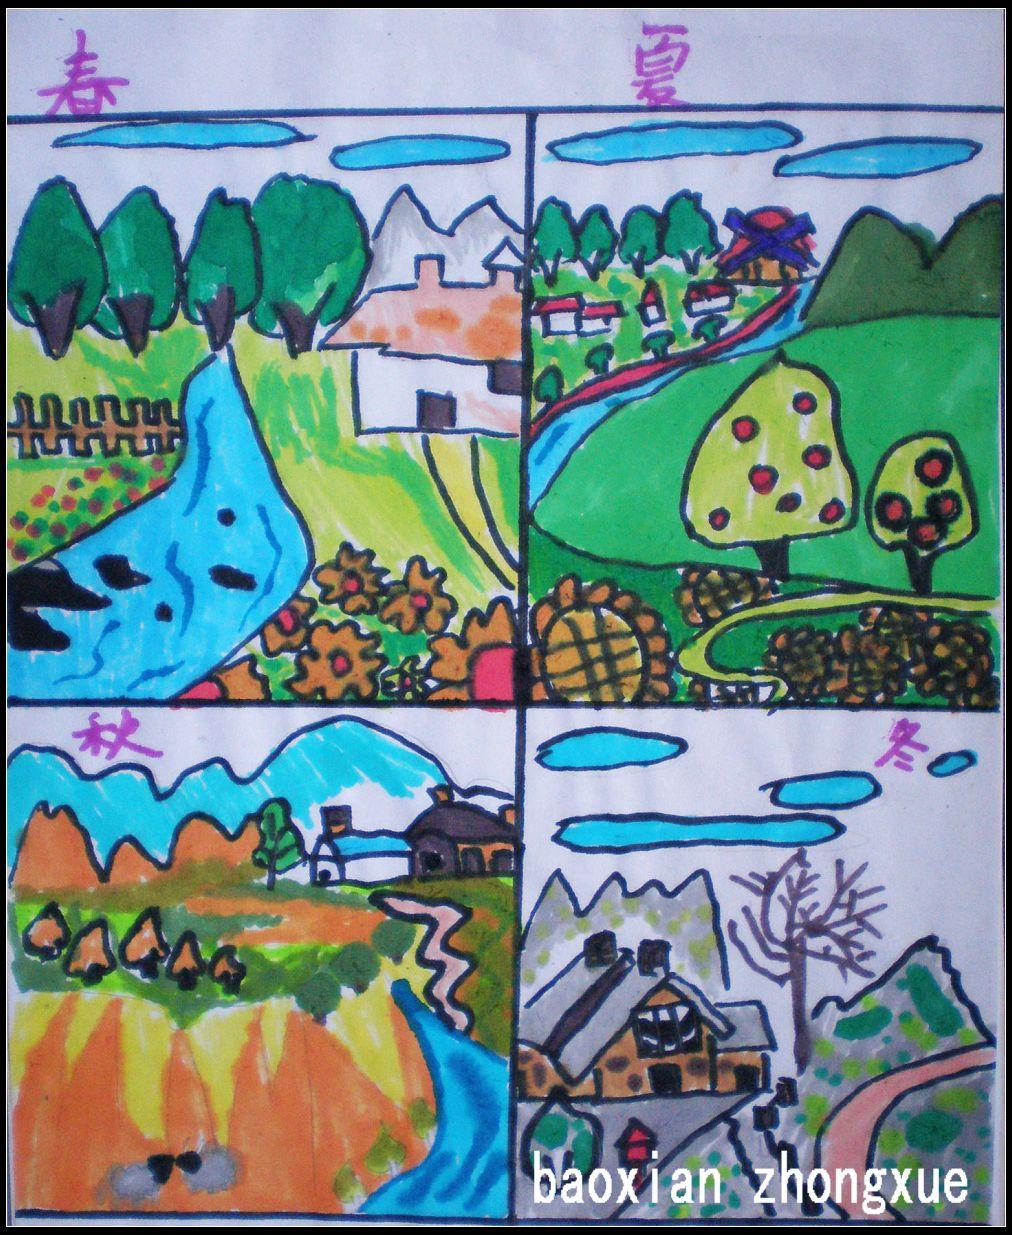 [图片]春夏秋冬的变化---美术课堂作业欣赏